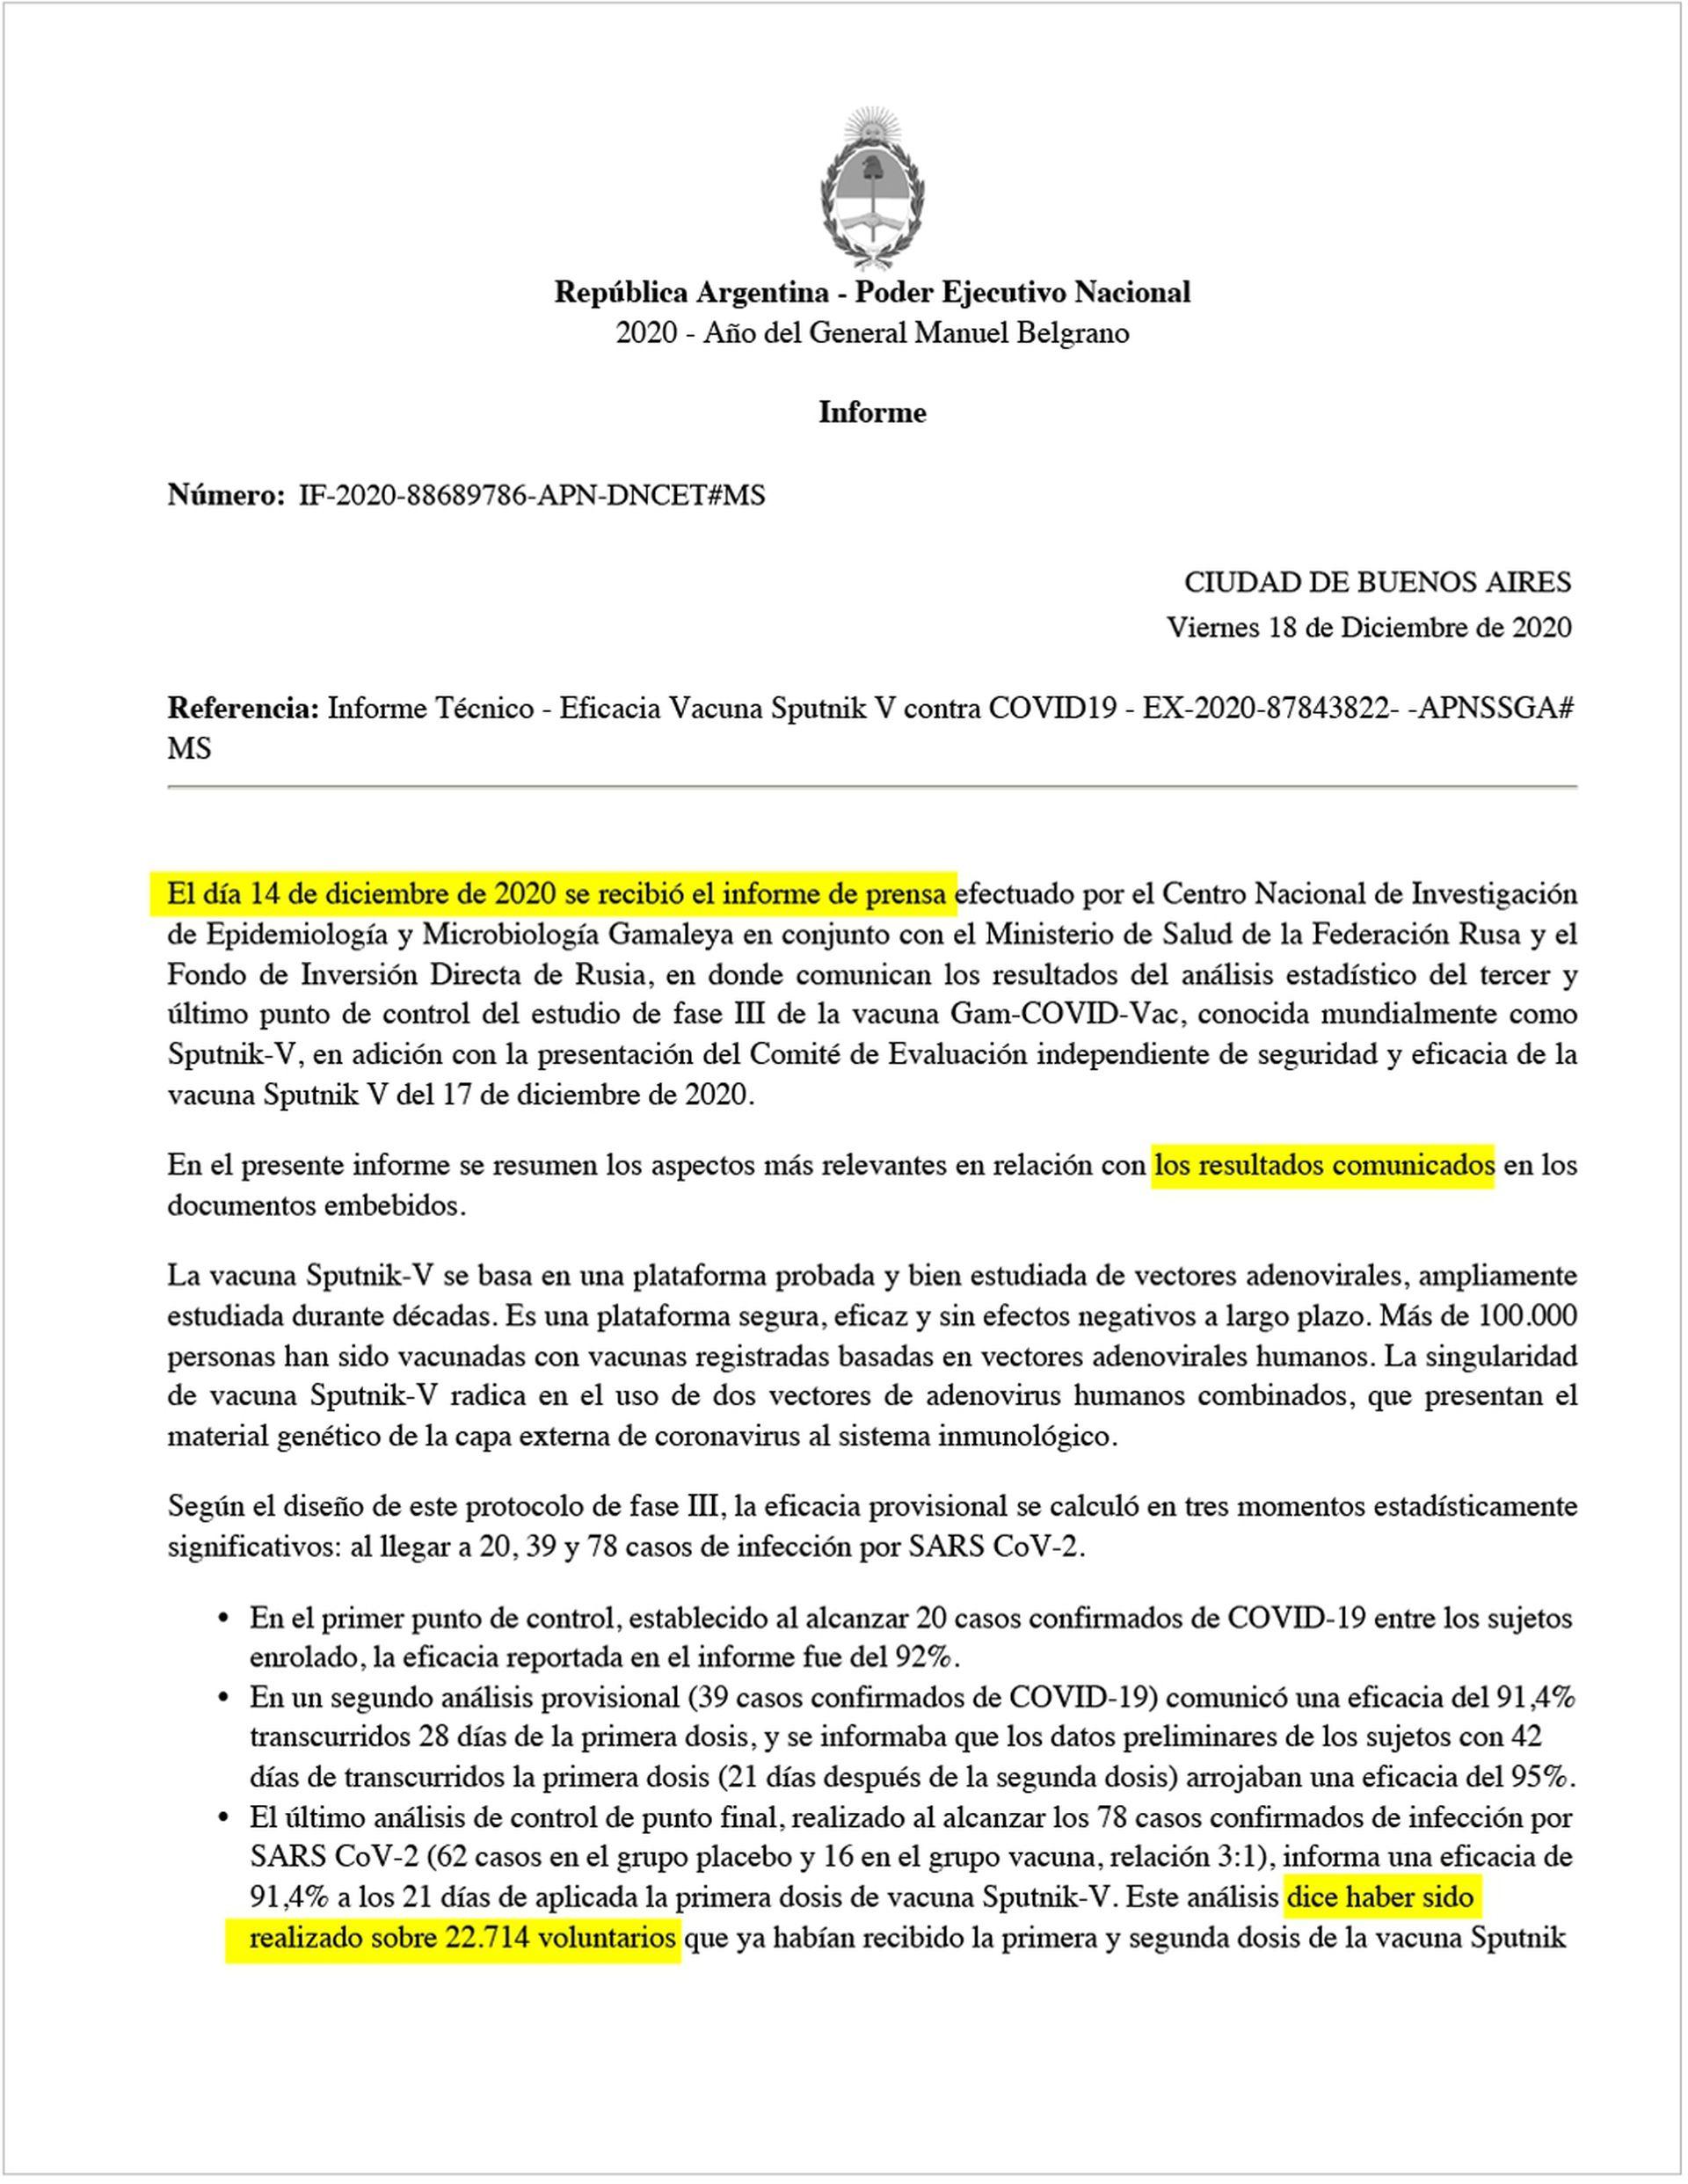 El 18 de diciembre pasado hacían declaraciones en Rusia los integrantes de la comitiva oficial. Casi al mismo tiempo, el director nacional de Control de Enfermedades Transmisibles, Juan Manuel Castelli, firmaba un informe técnico sobre la eficacia de la vacuna.